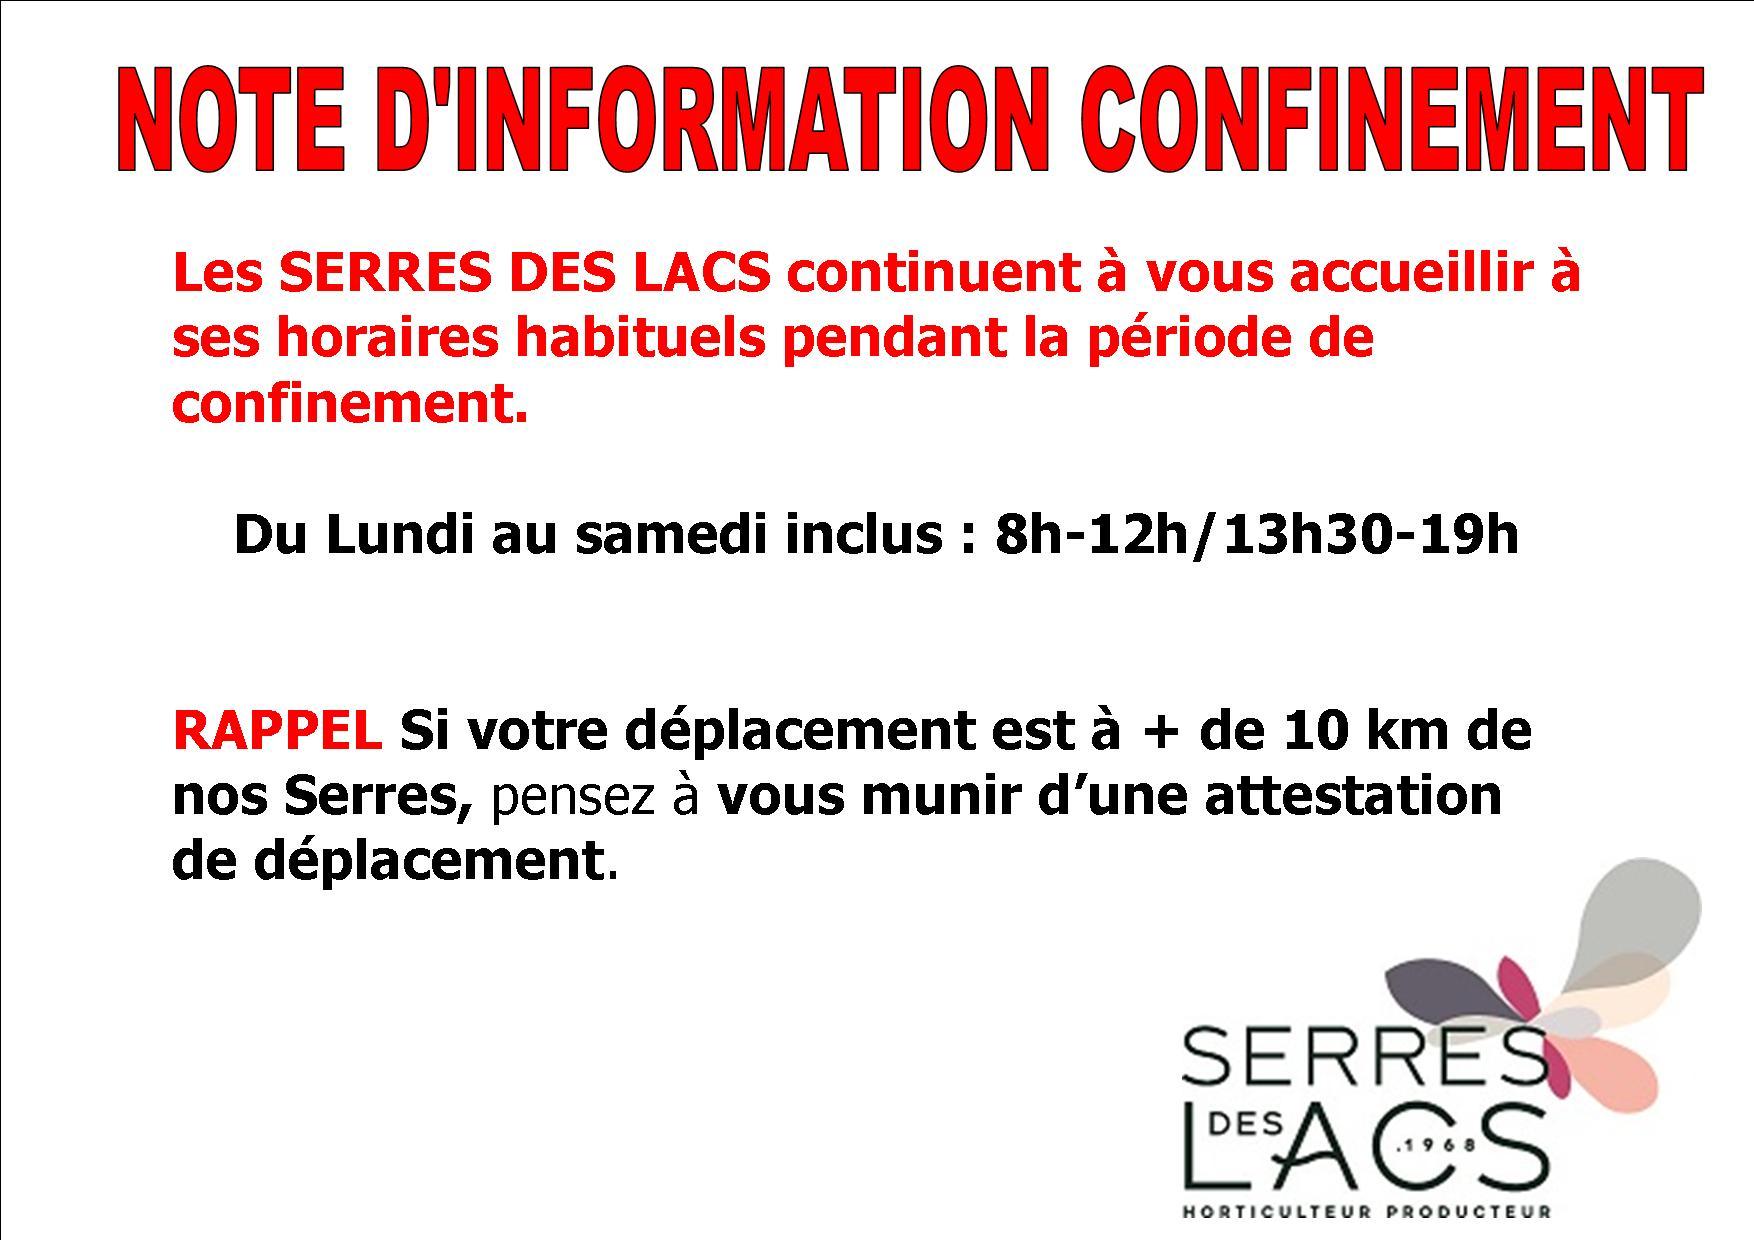 note information confinement.jpg